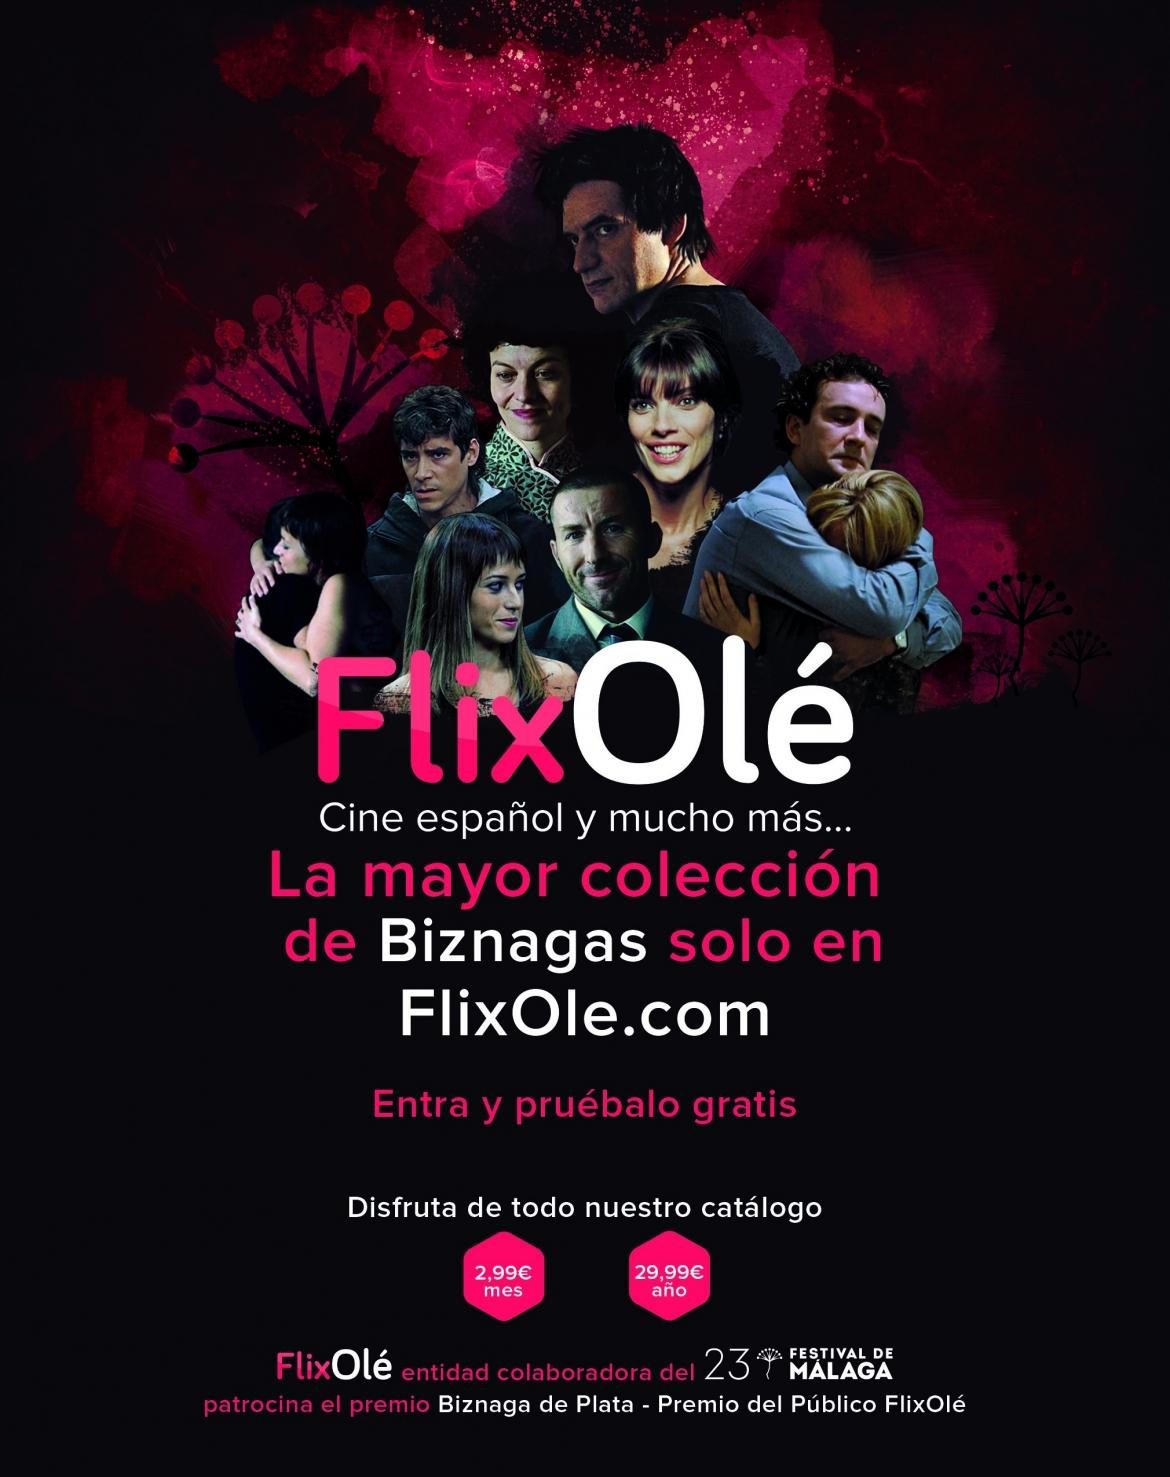 Festival de Málaga y FlixOlé se alían en la 23 edición para la difusión del cine español